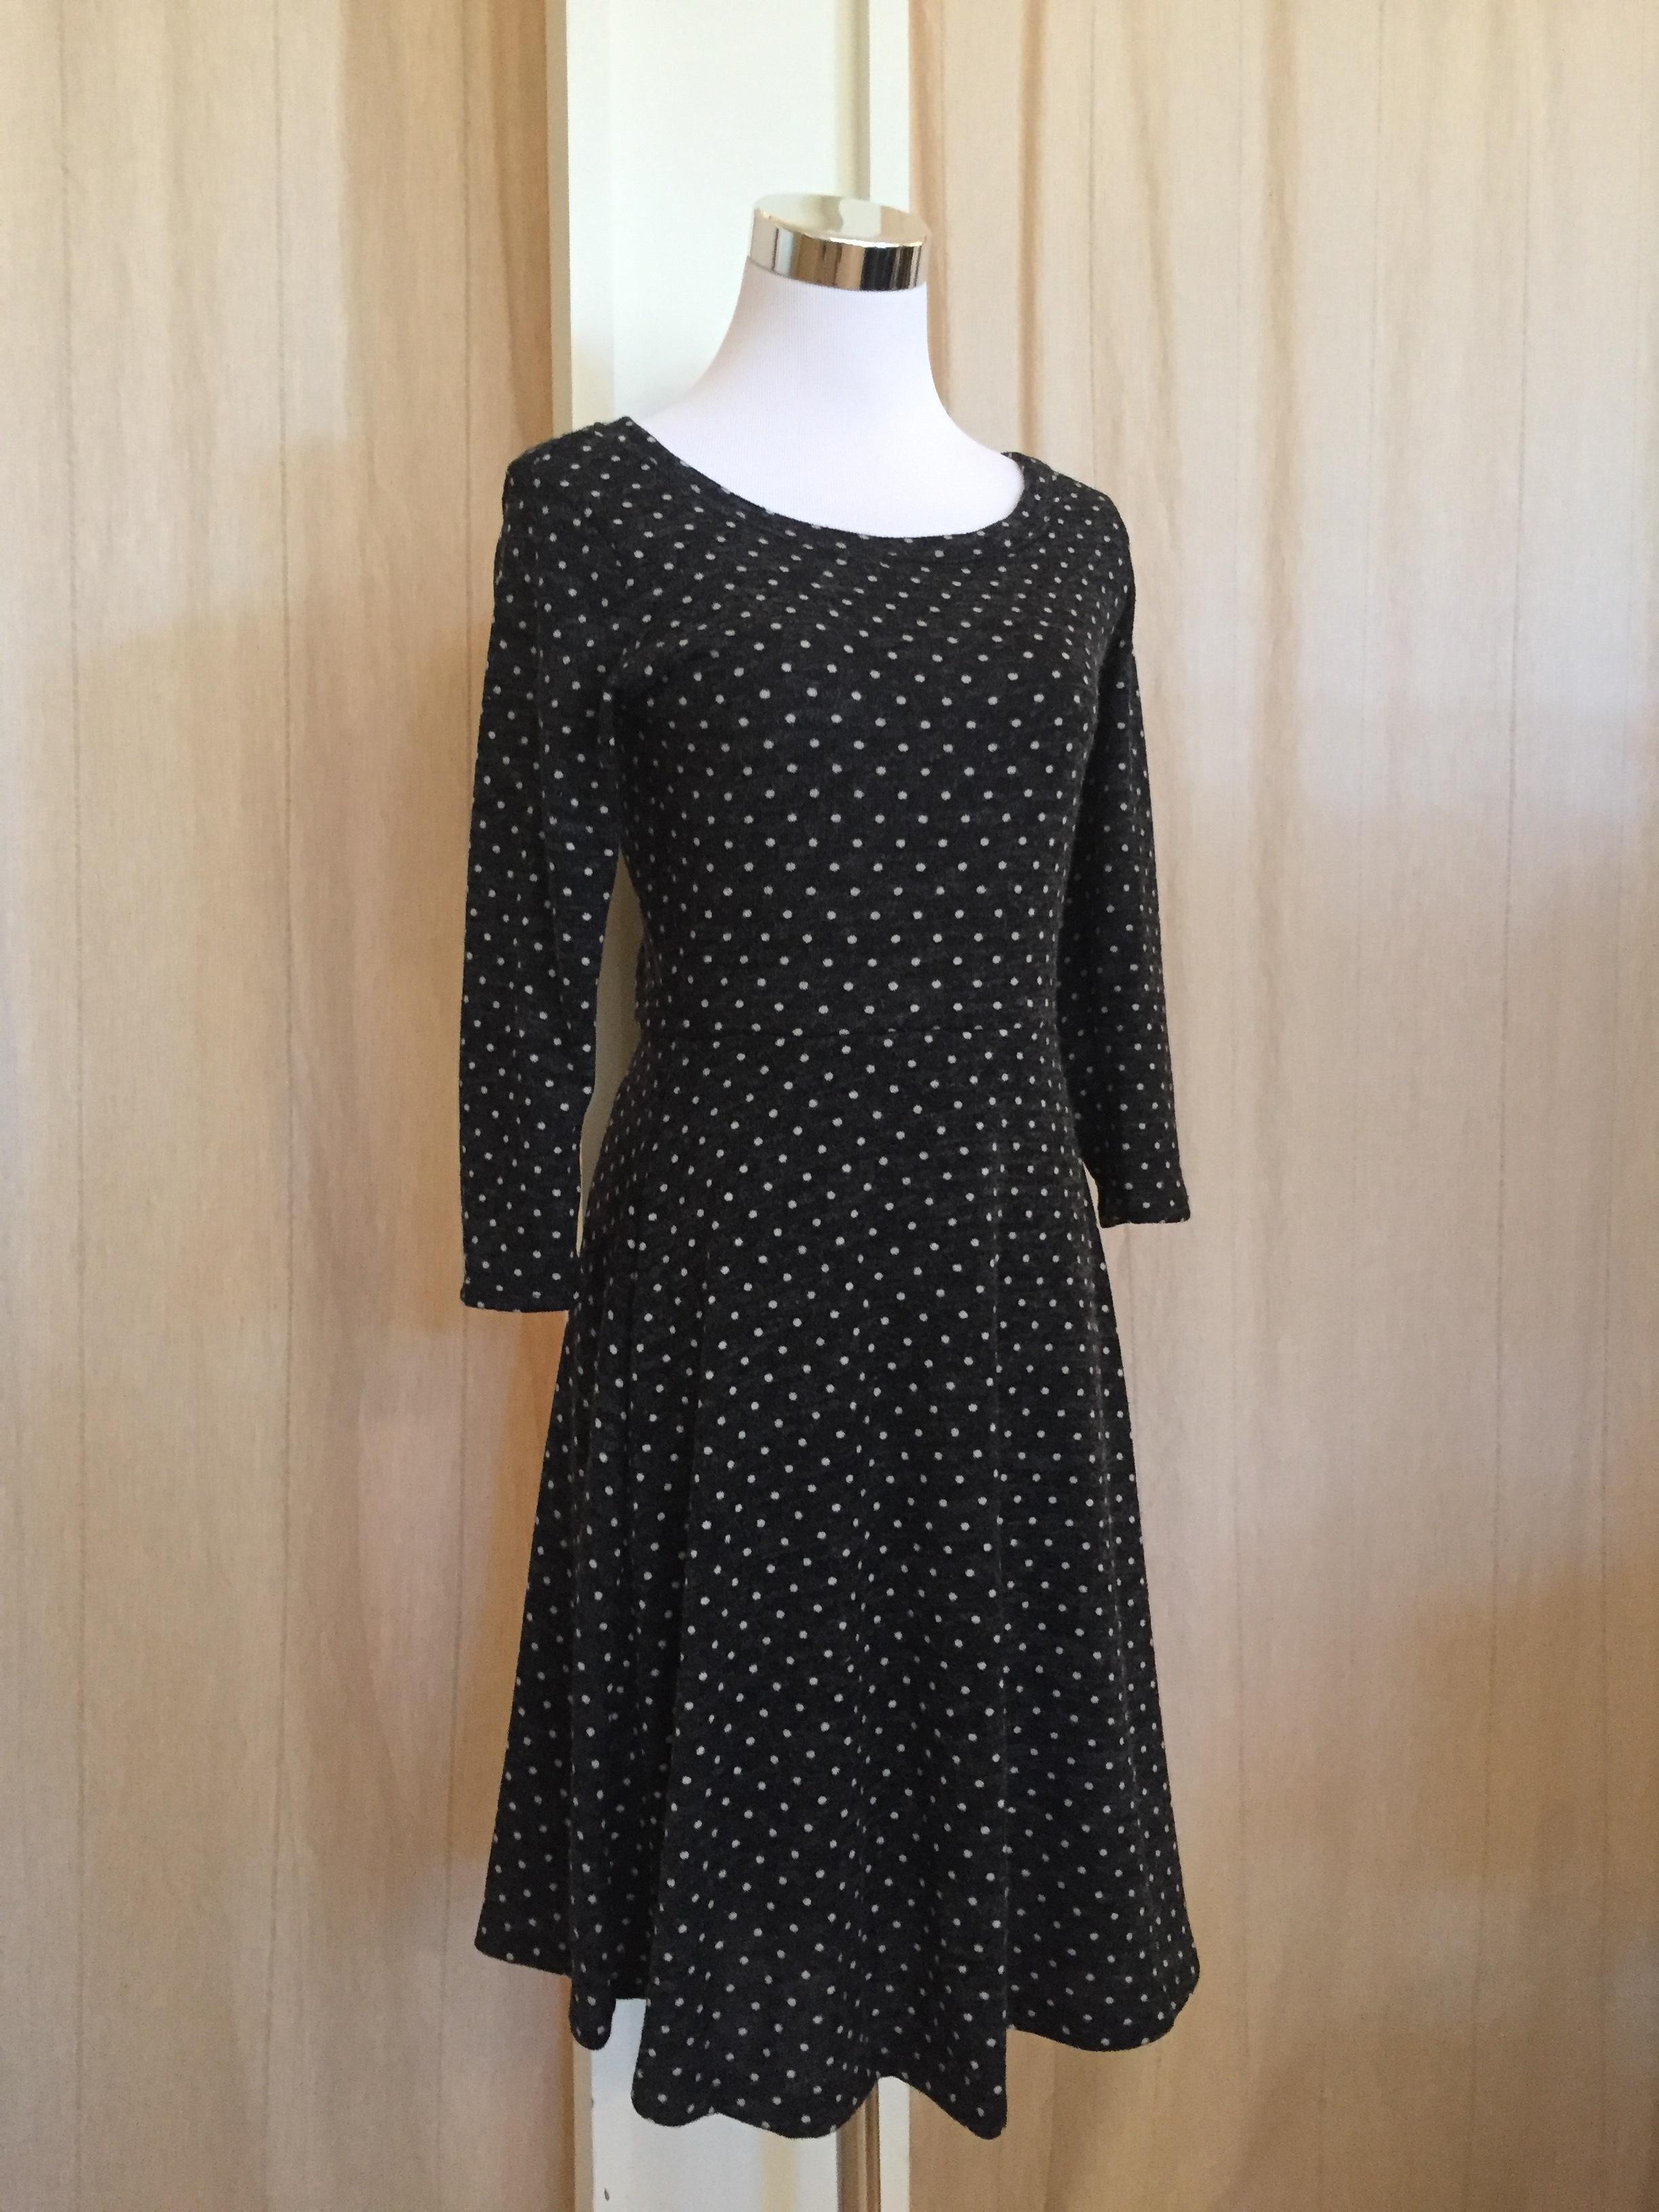 Gilli Polka Dot Dress $45